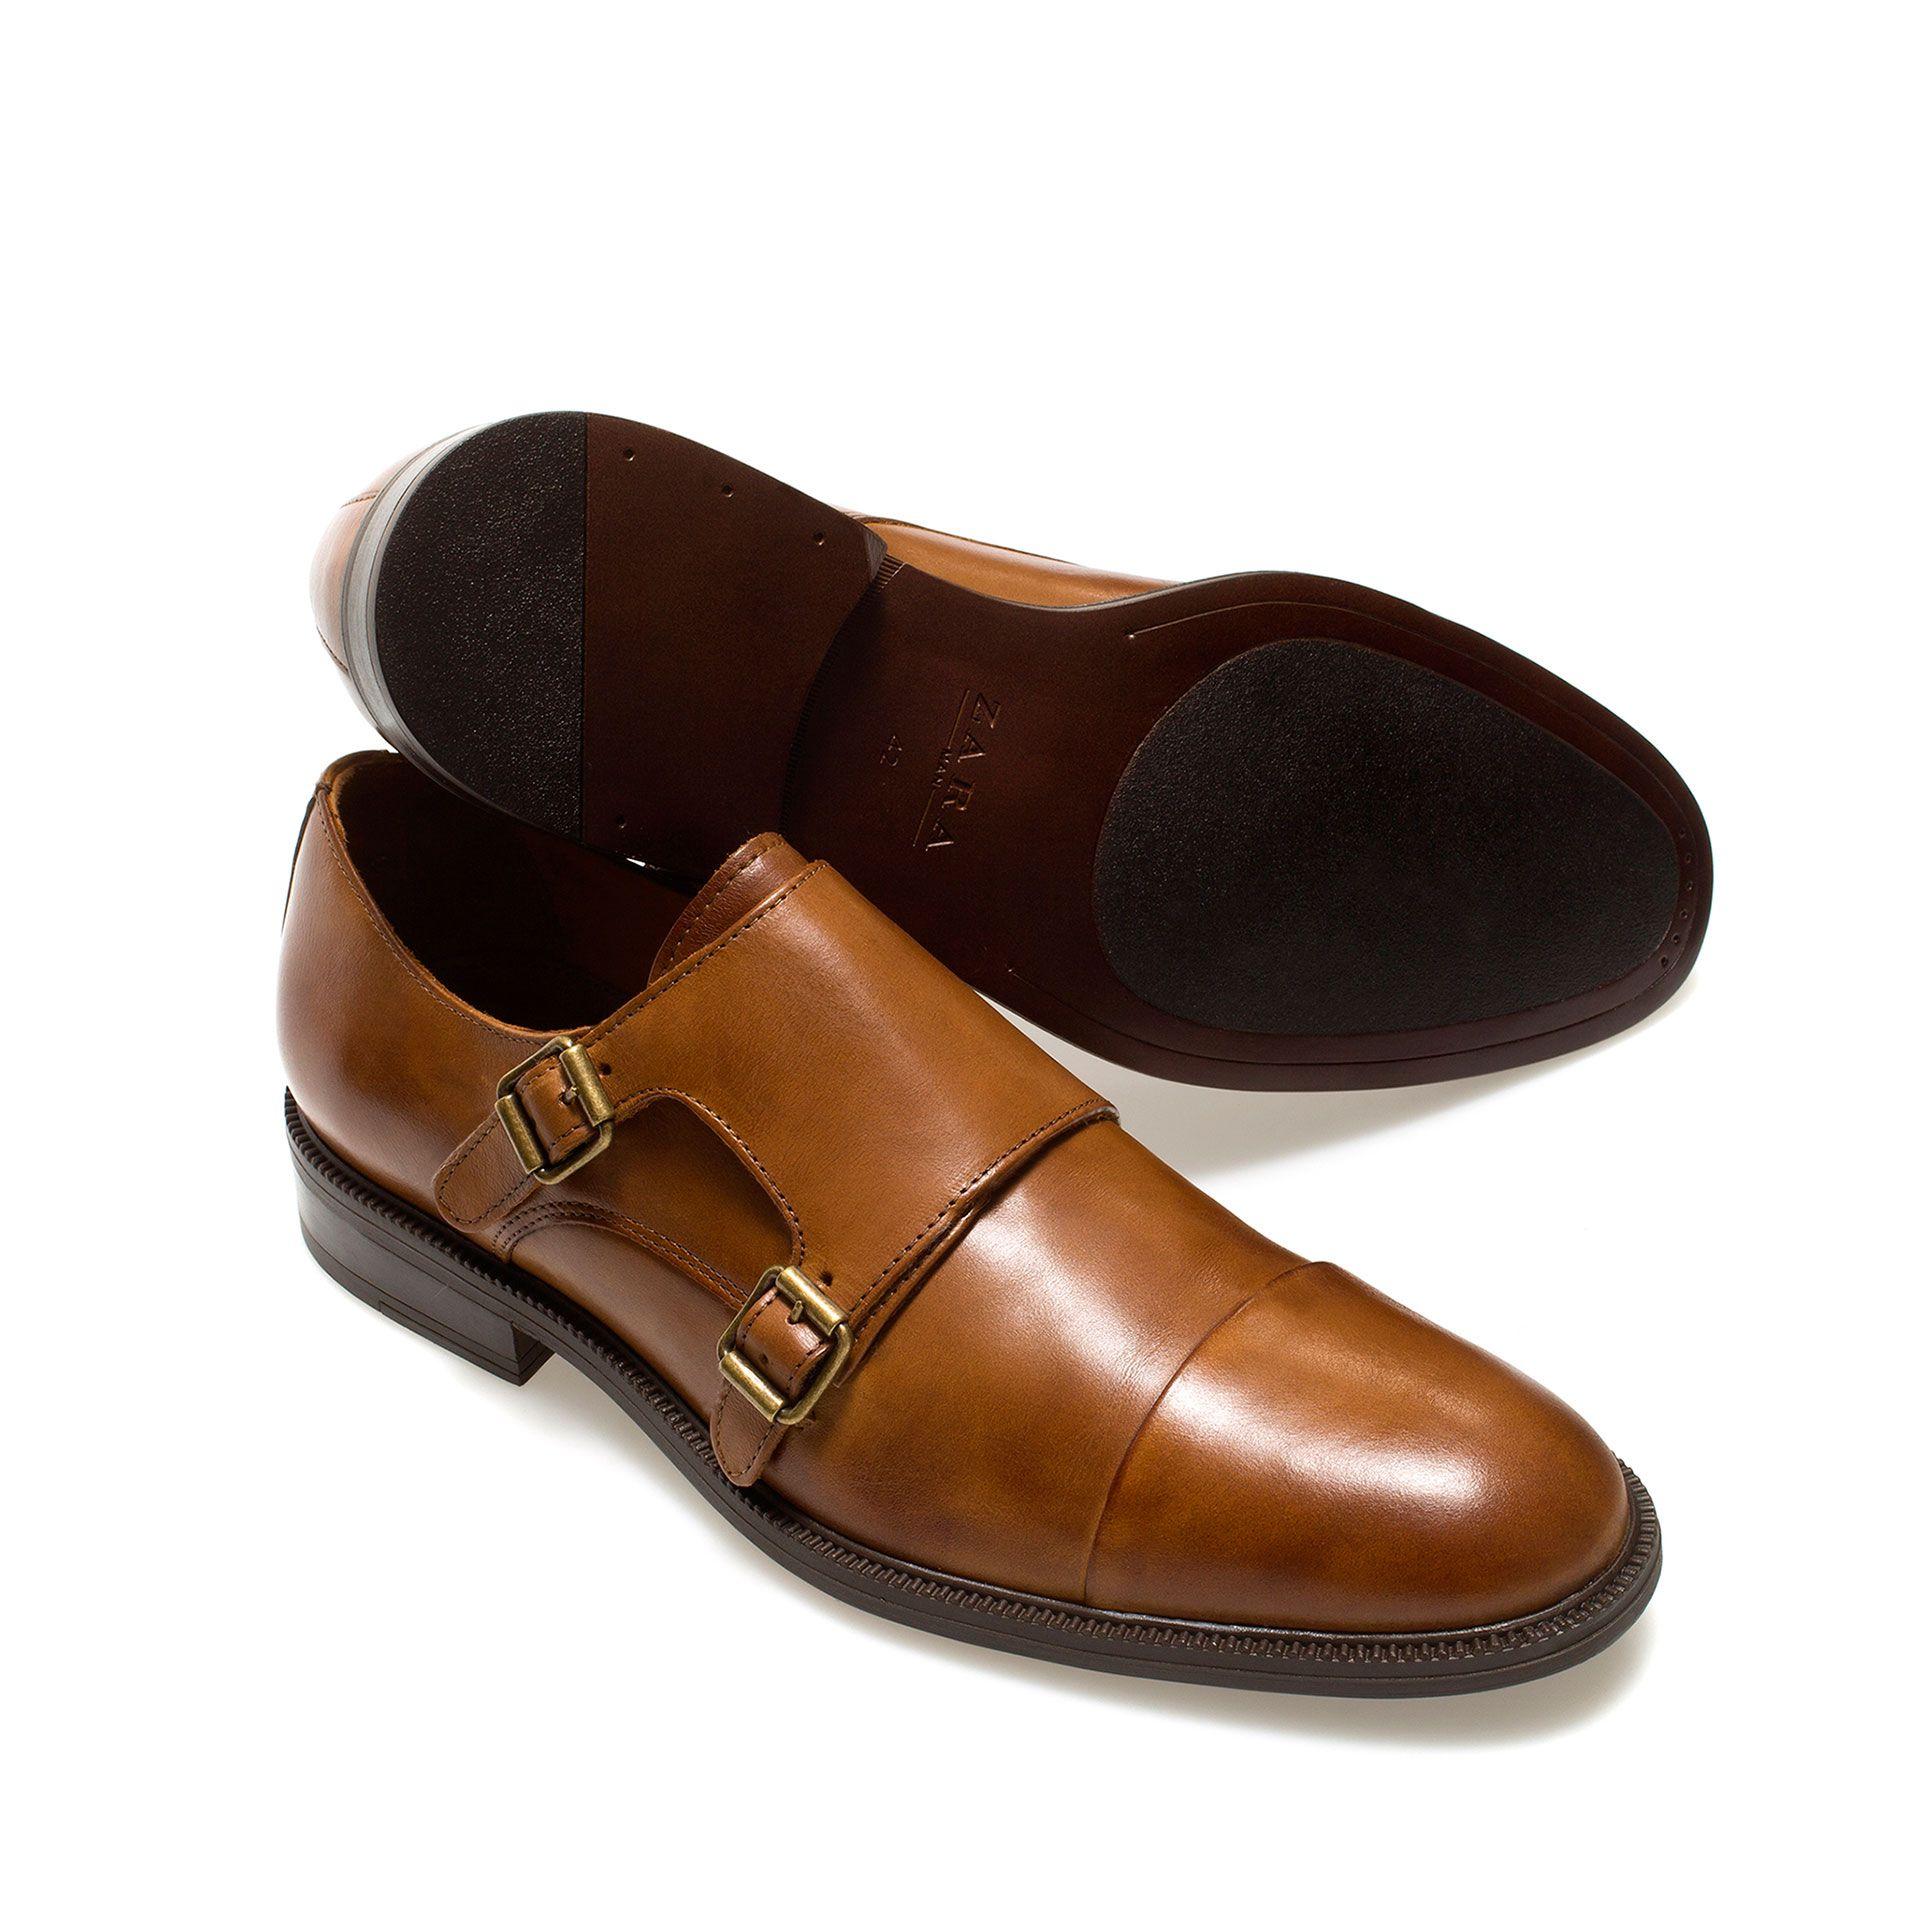 ec230679 MONK SHOE - Shoes - Man - ZARA Bulgaria   Shoes   Shoes, Stylish ...